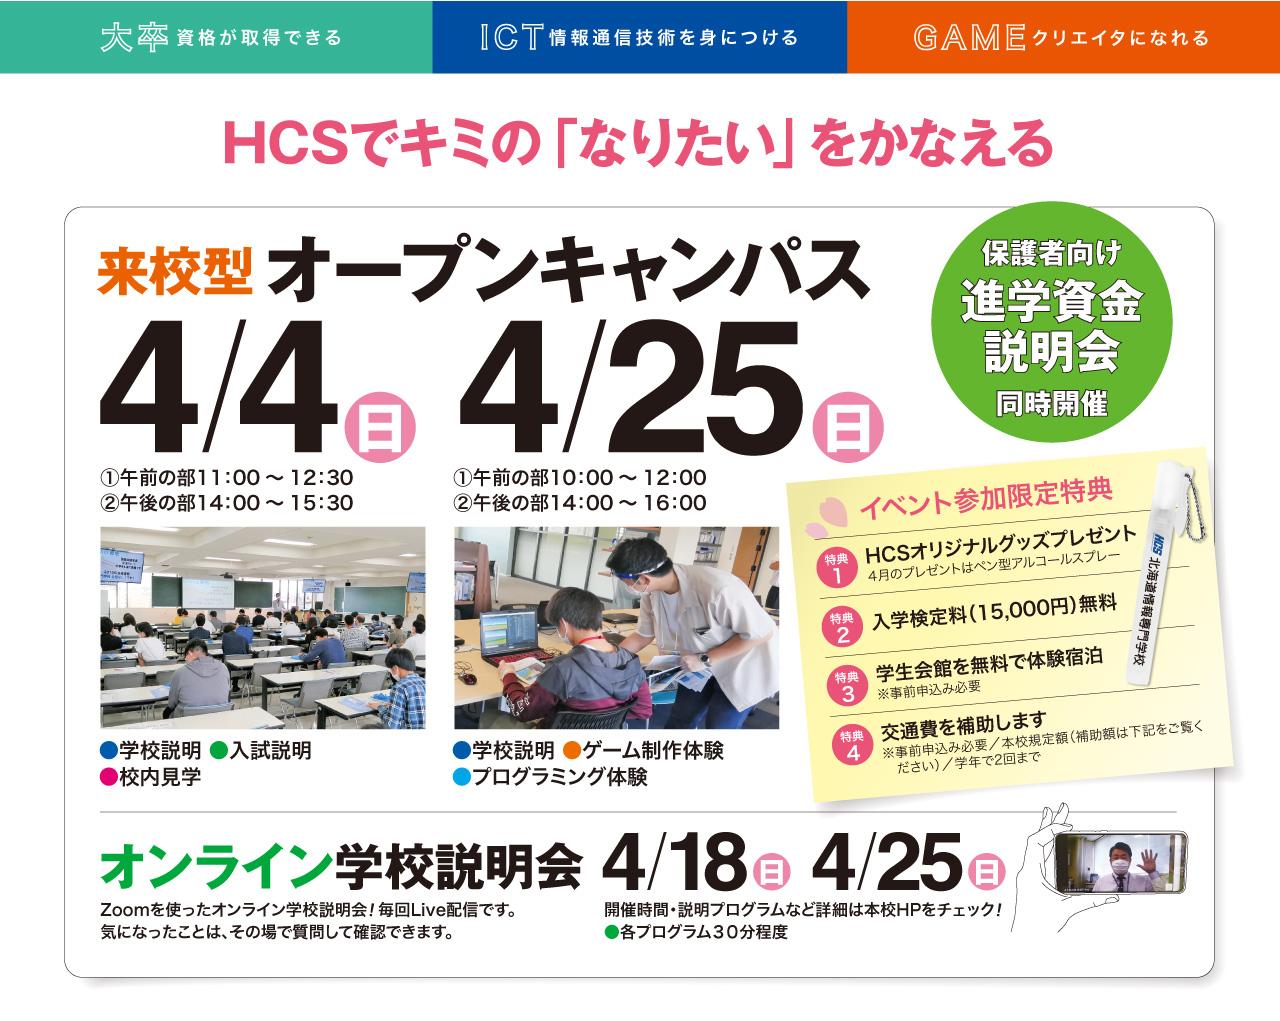 来校型オープンキャンパス4/4、4/25 オンライン学校説明会4/18、4/25